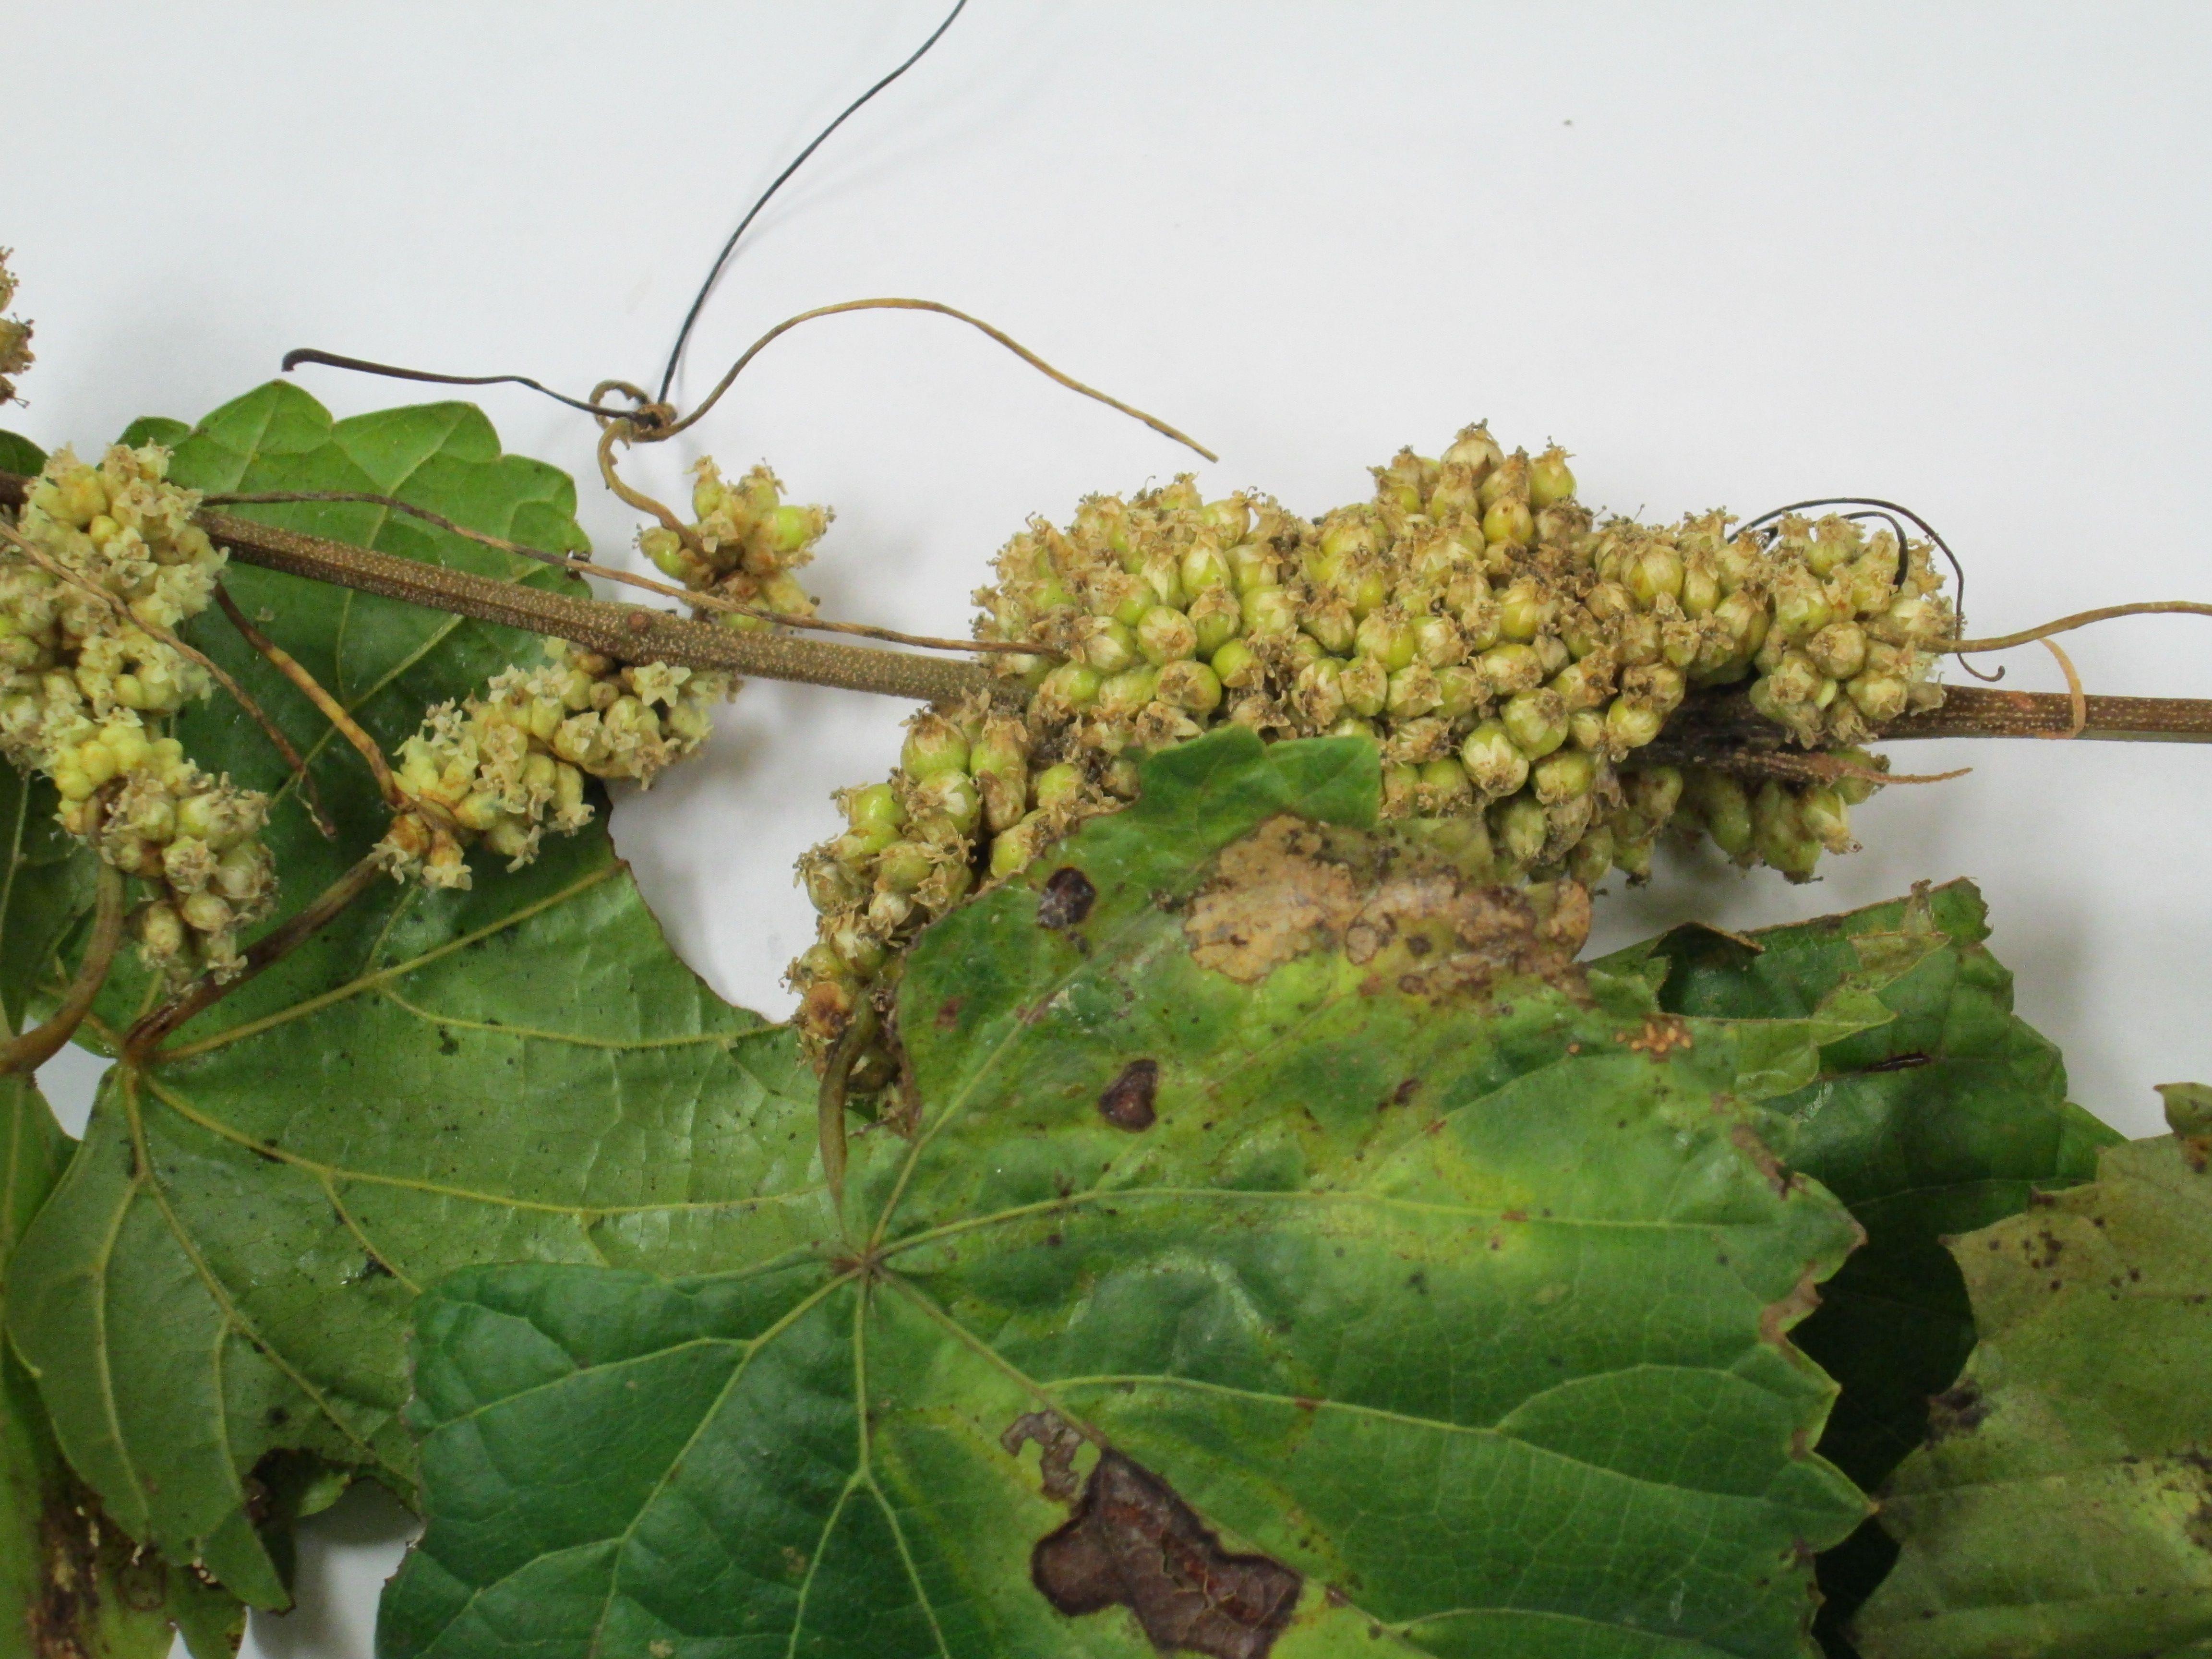 Image of dodder seeds